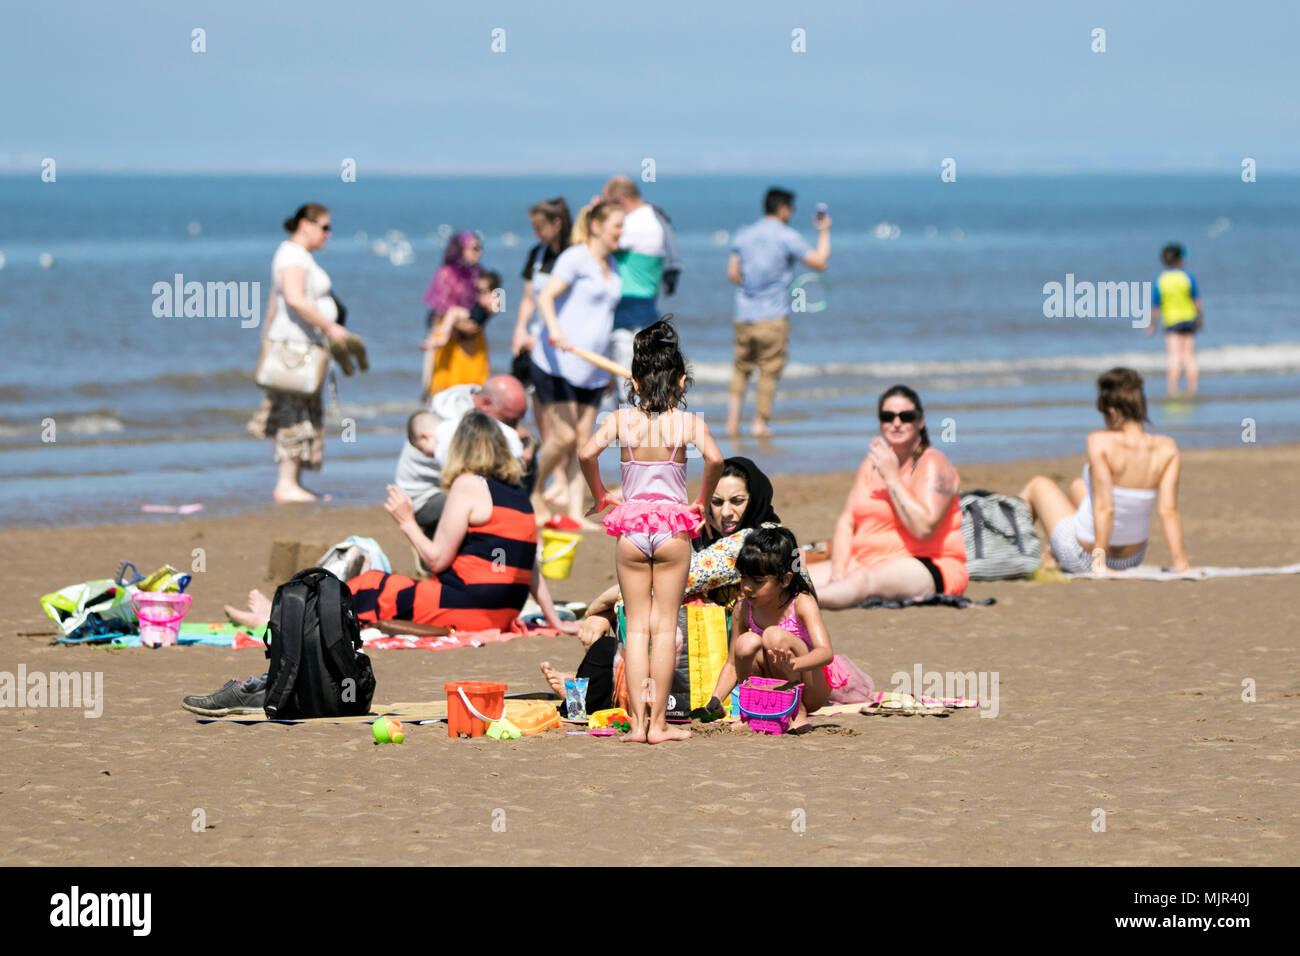 Blackpool, Royaume-Uni, 6 mai 2018. Les vacanciers sur front de mer de Blackpool. 6 mai 2018. Météo britannique. Des milliers de touristes et des vacanciers descendre sur le front de mer de Blackpool pour profiter du beau soleil et des températures élevées. Credit: Cernan Elias/Alamy Live News Banque D'Images